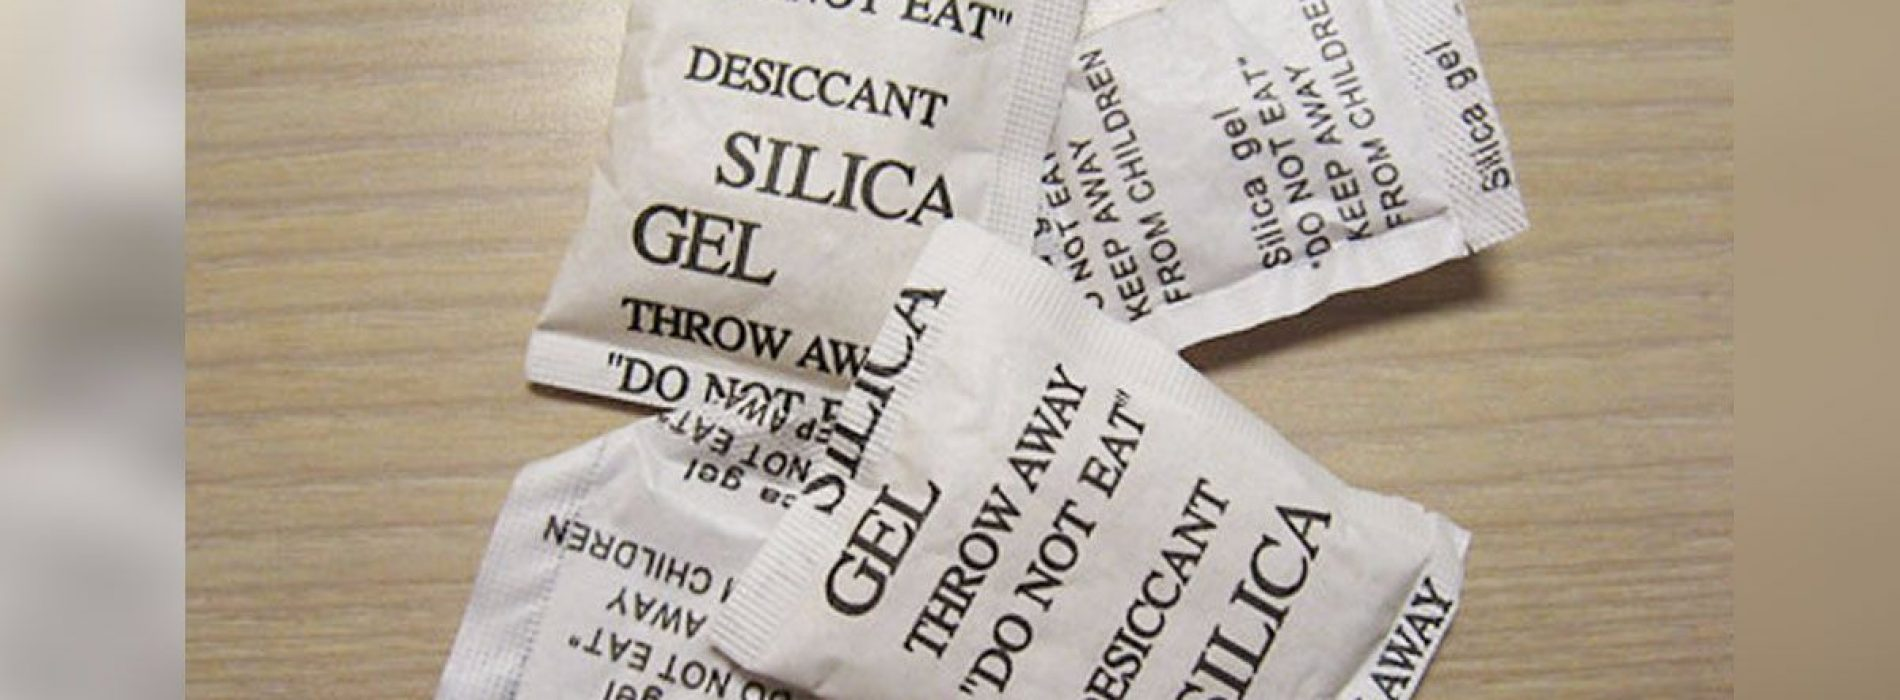 Stop met het weggooien van silica gelzakjes. Hier zijn 10 handige toepassingen